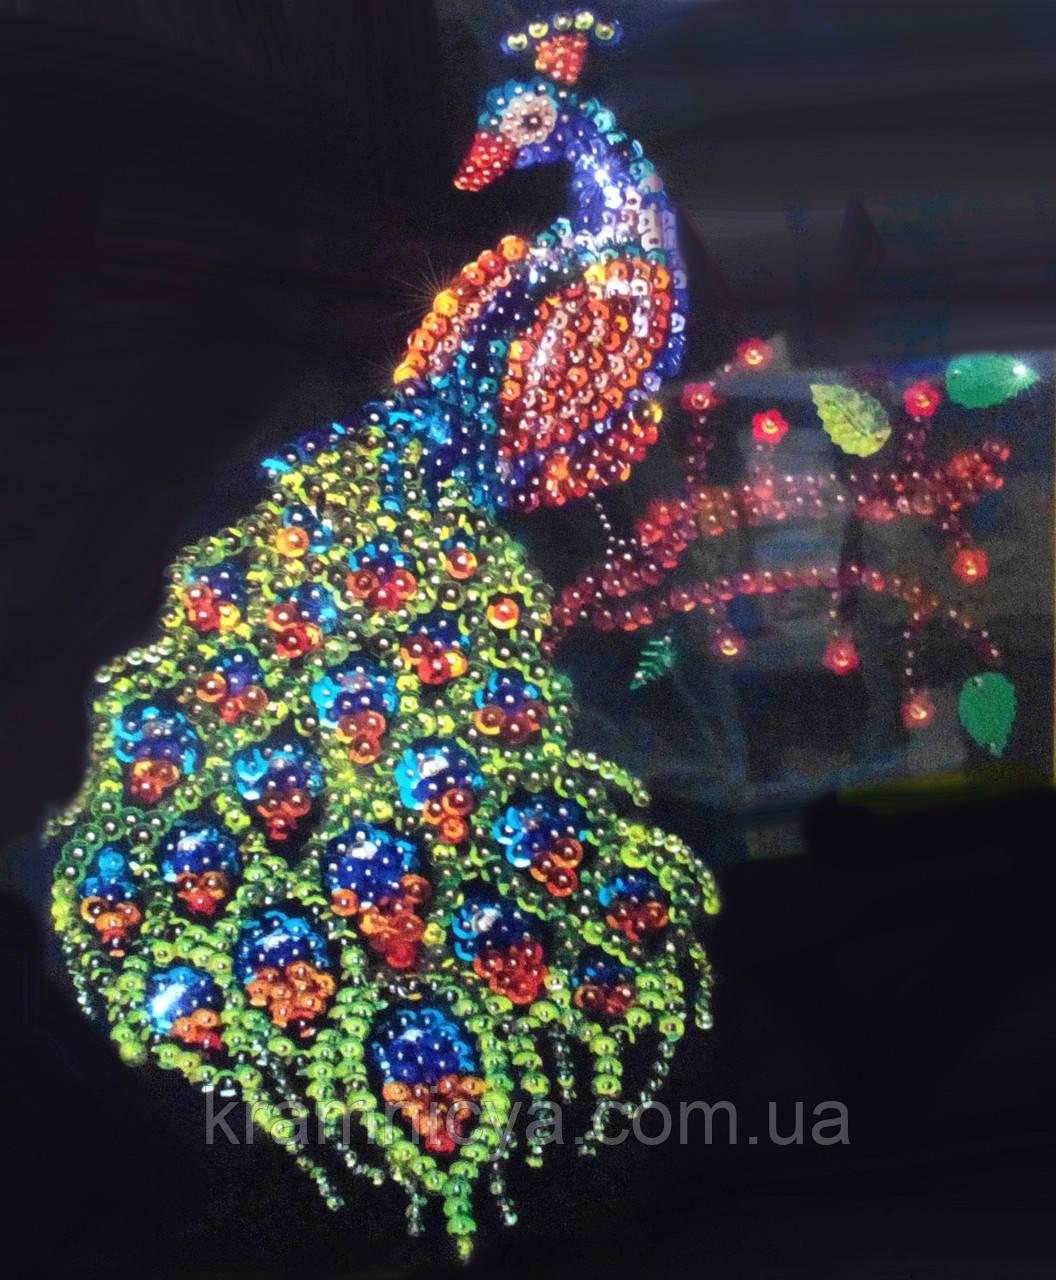 """Мозаика из пайеток """"Павлин"""", Пм-01-06"""